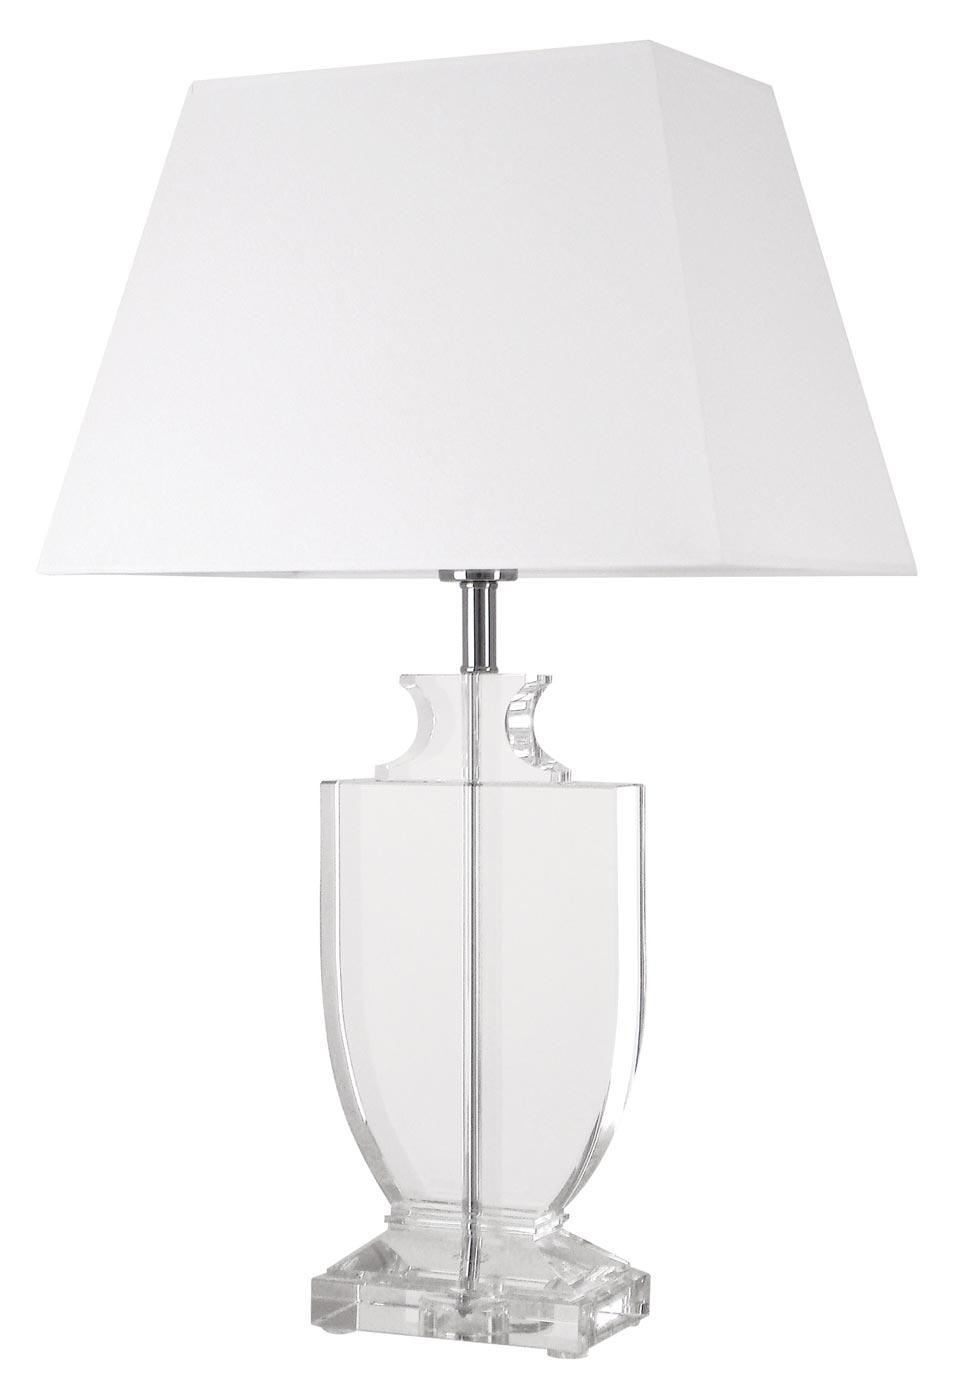 Lampe hariette b en verre optique r f 16030401 - Lampe fibre de verre ...